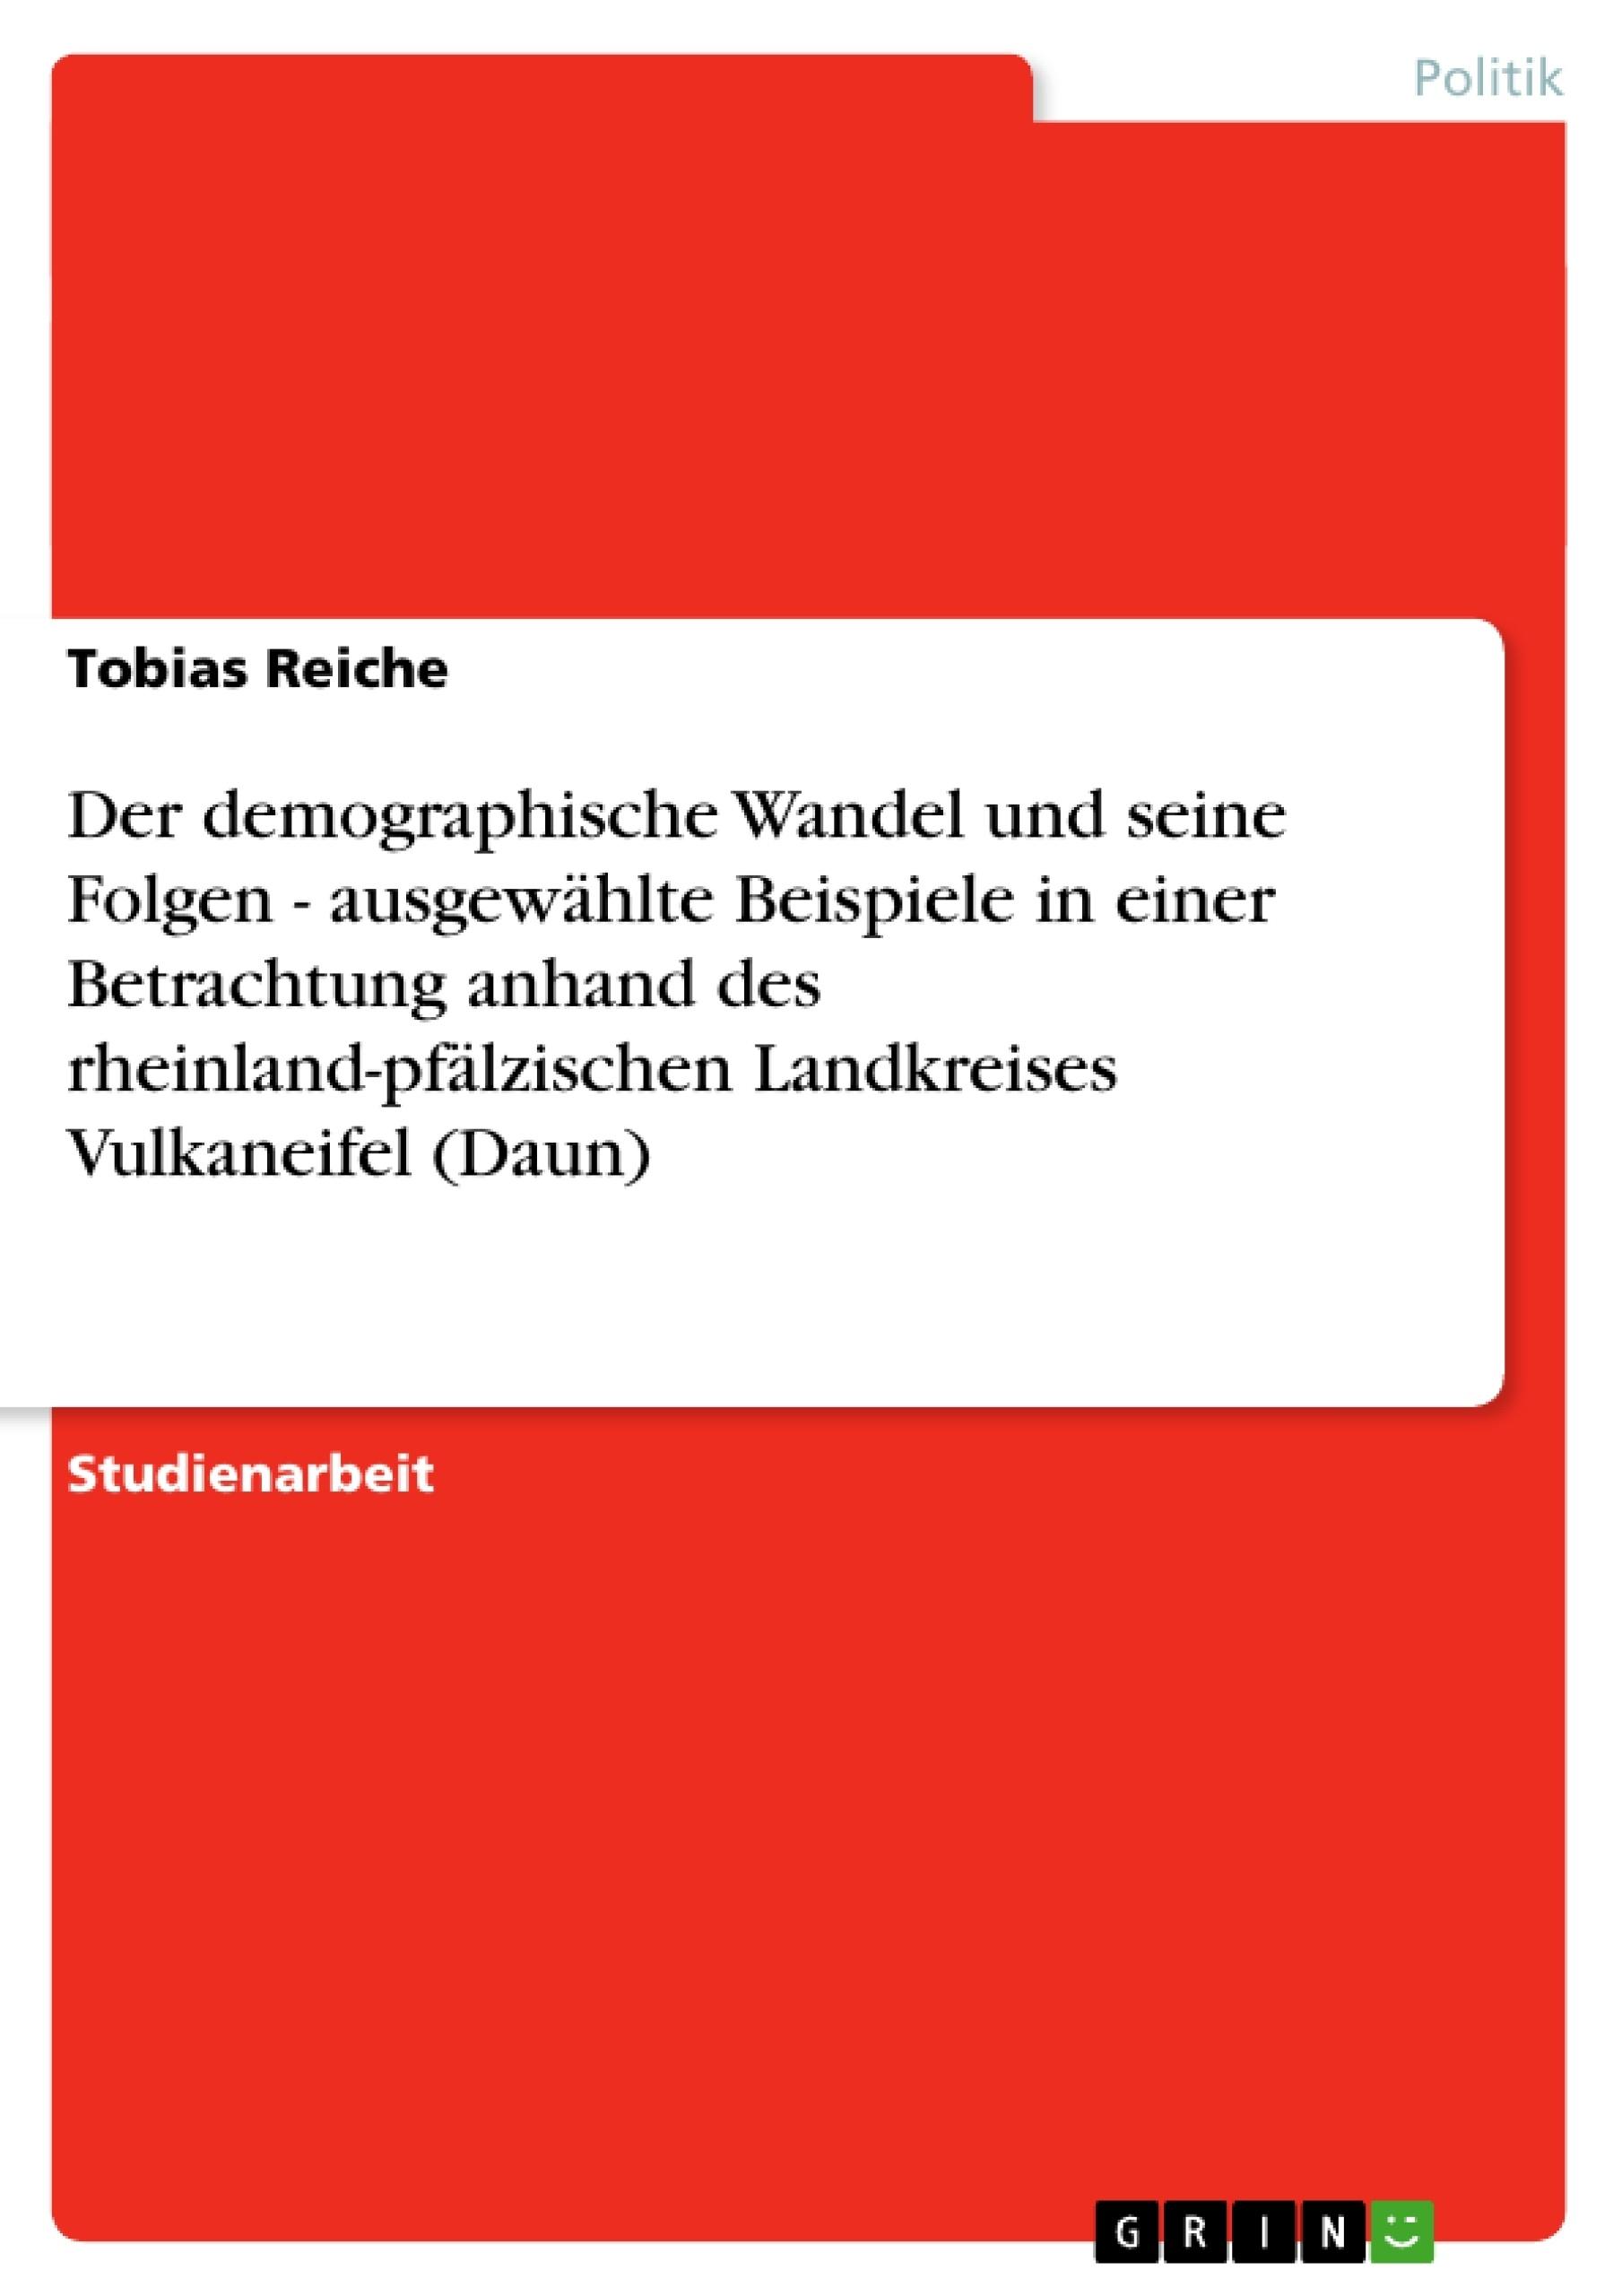 Titel: Der demographische Wandel und seine Folgen - ausgewählte Beispiele in einer Betrachtung anhand des rheinland-pfälzischen Landkreises Vulkaneifel (Daun)